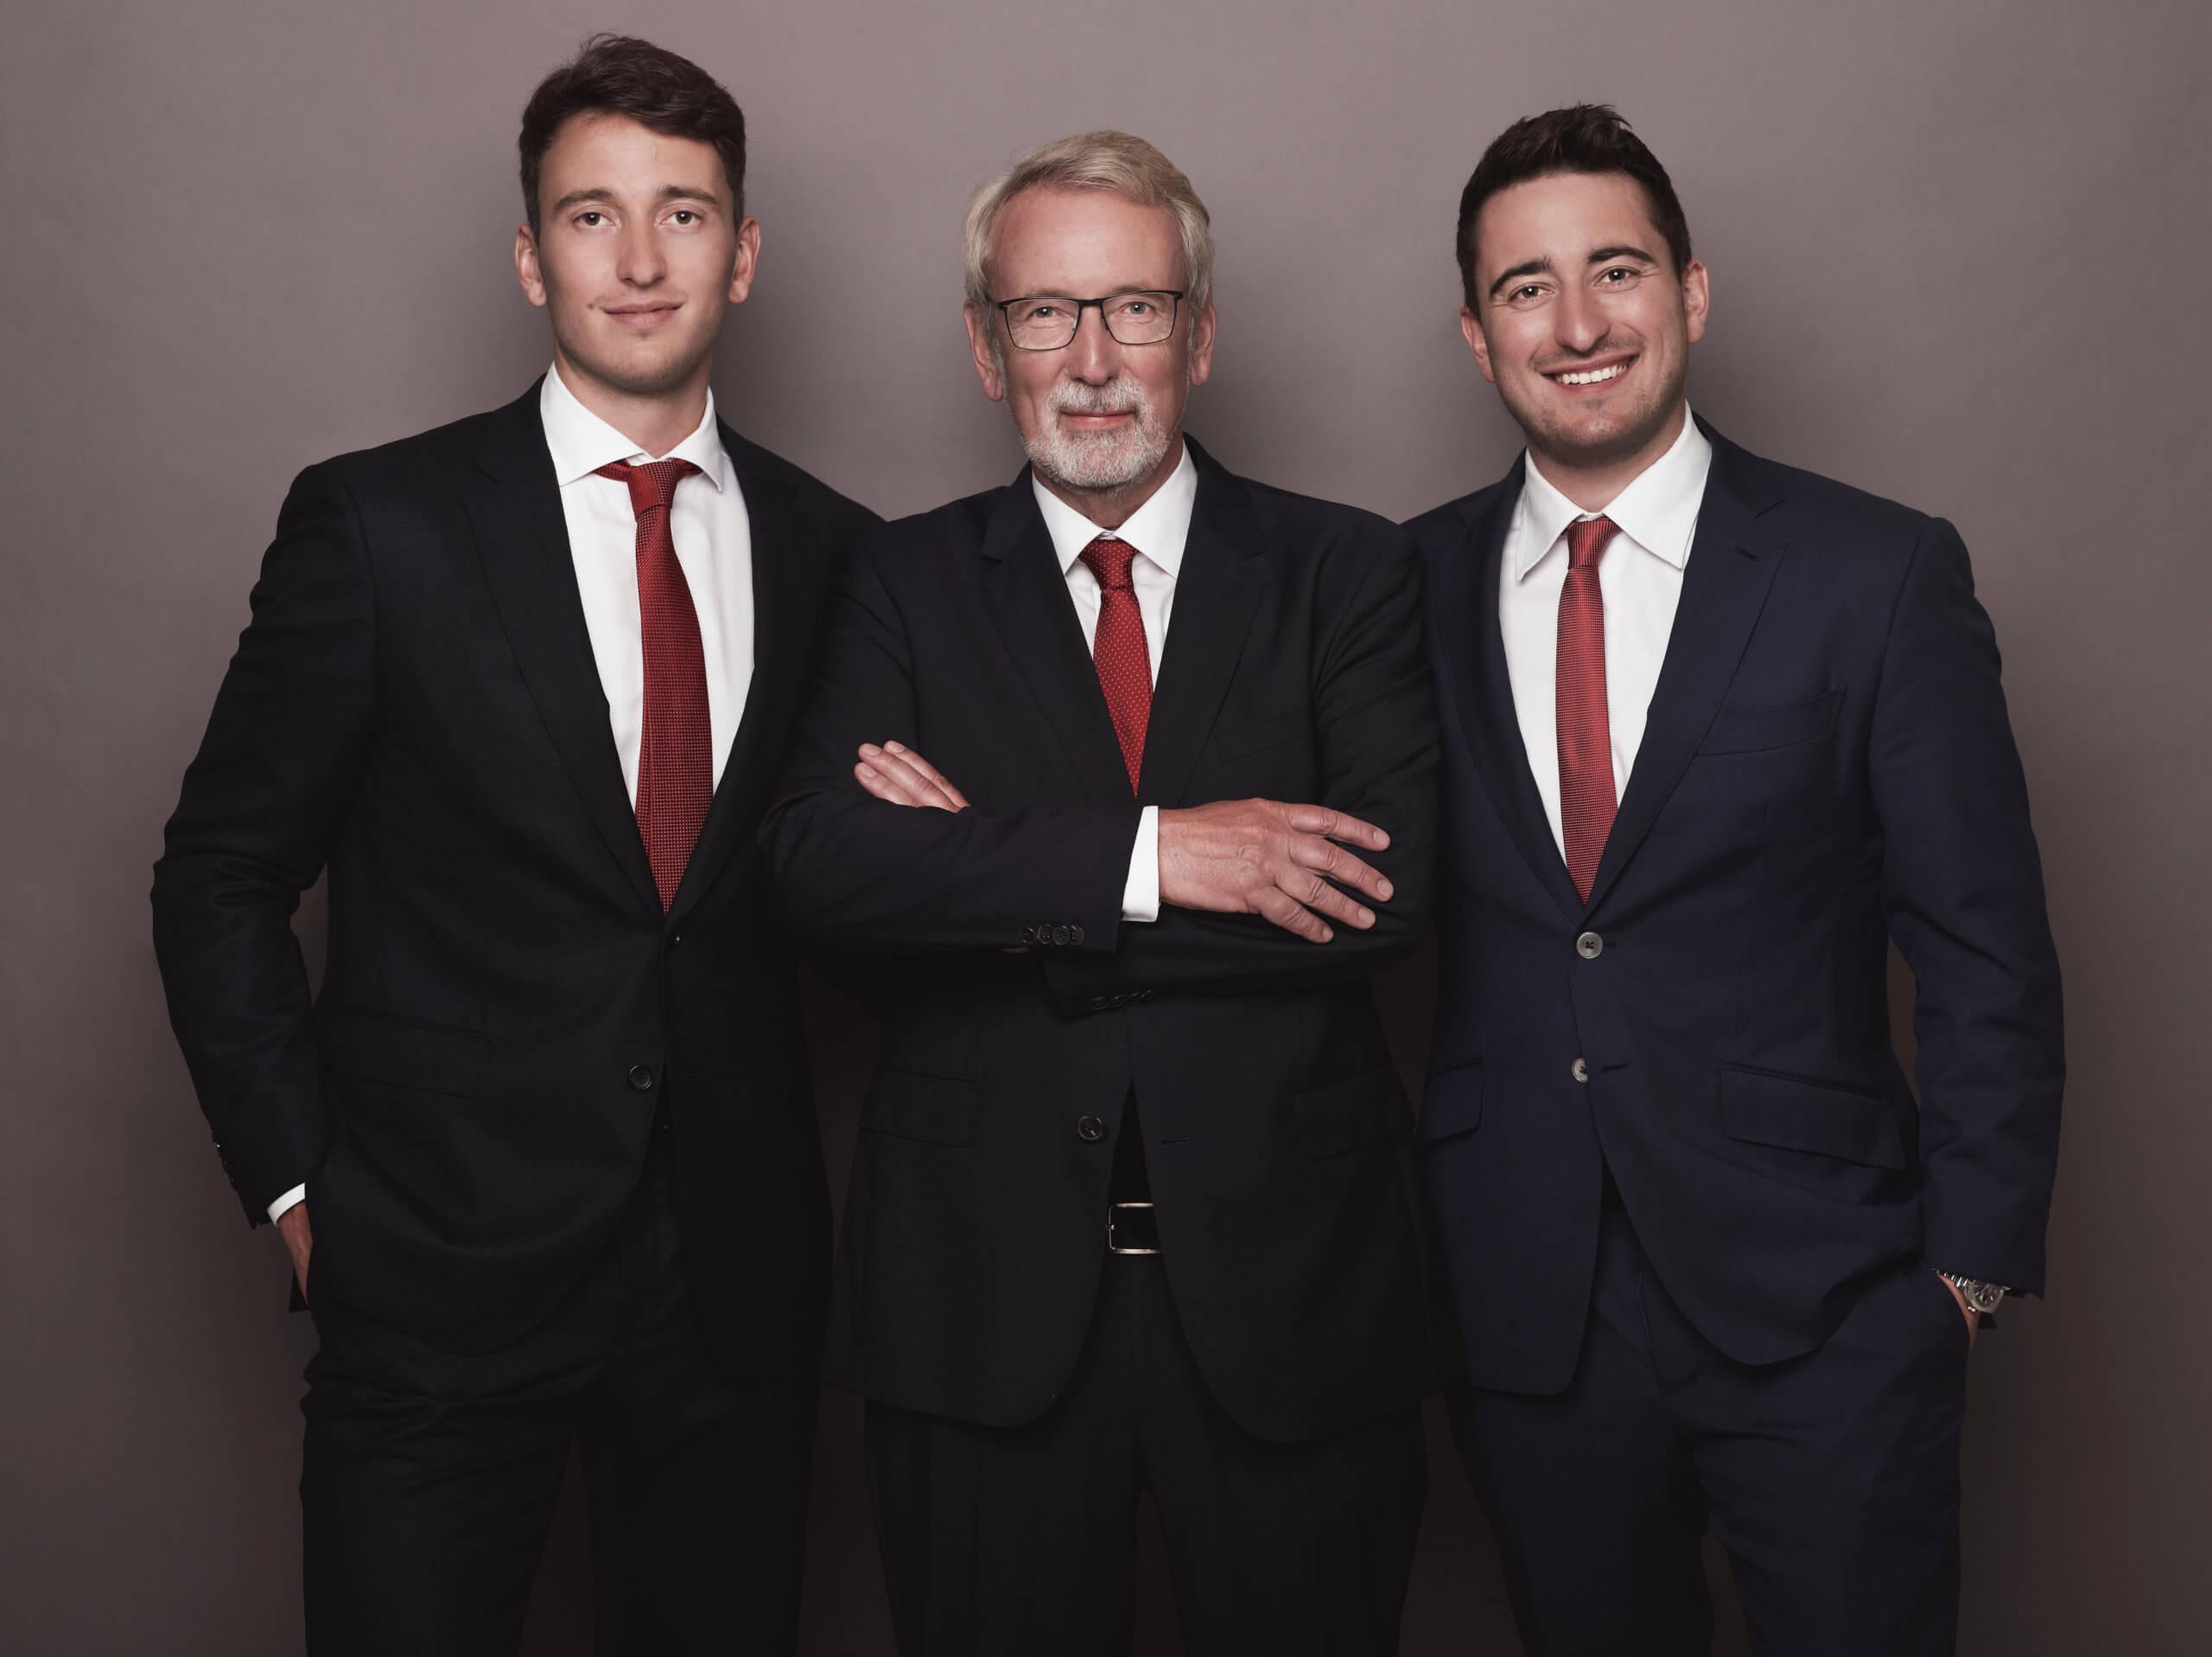 Timo, Bernd und Daniel von der Heide